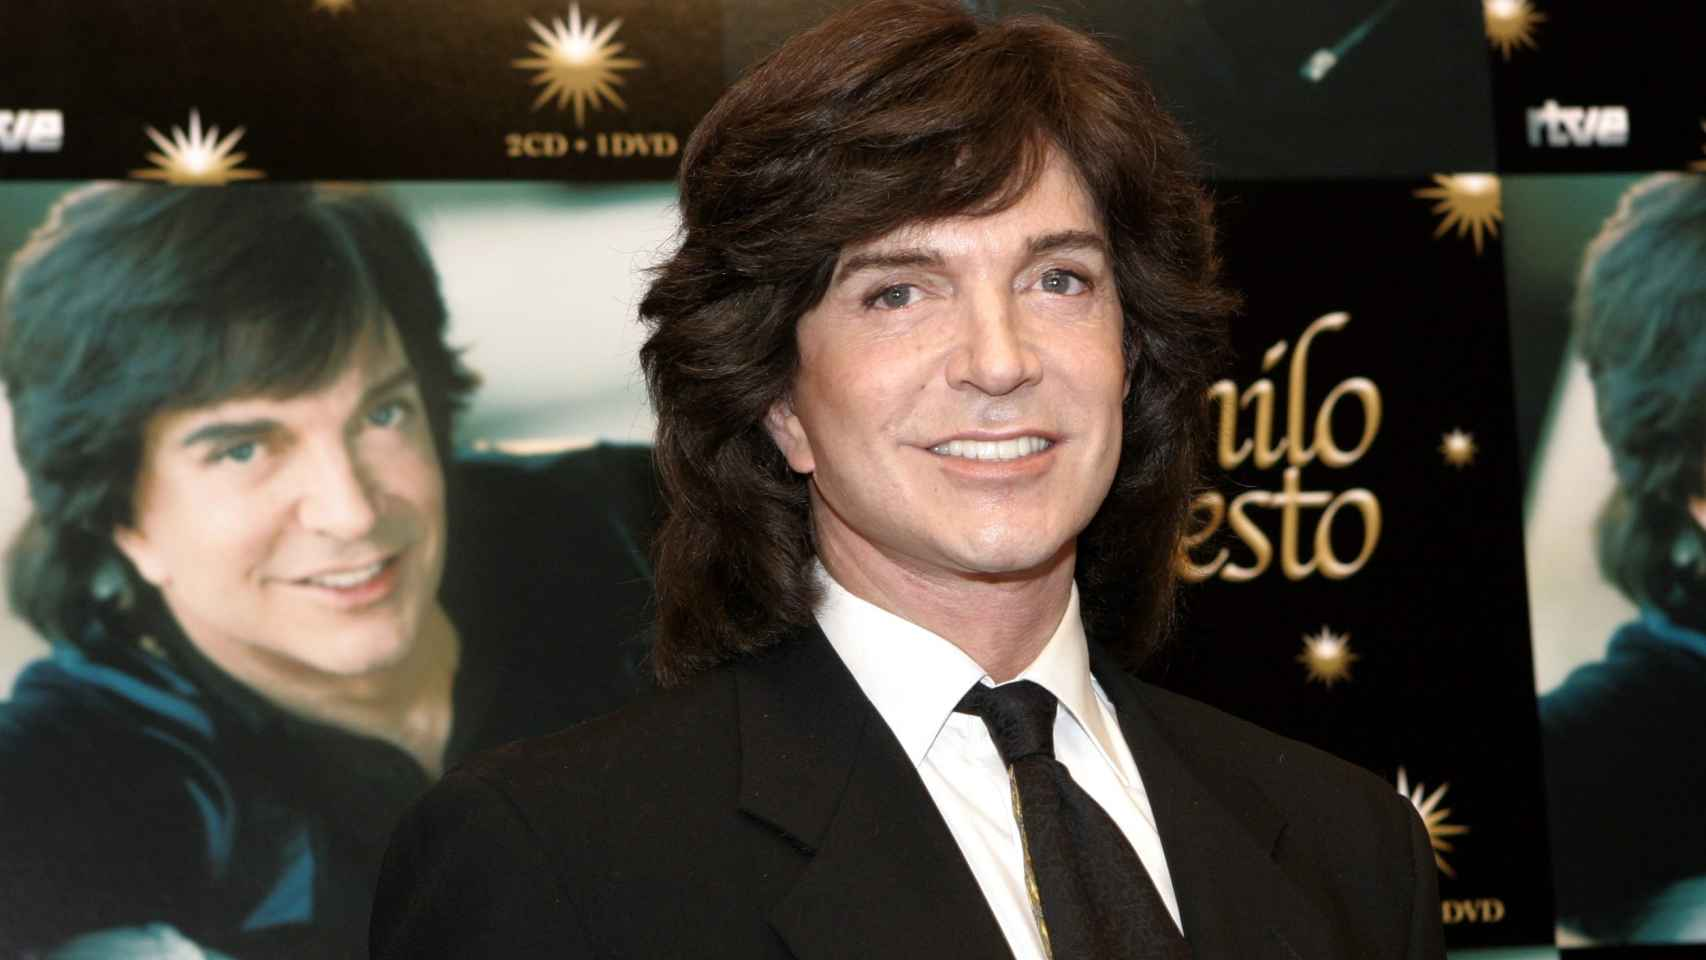 El cantante Camilo Sesto en una imagen fechada en enero de 2004.